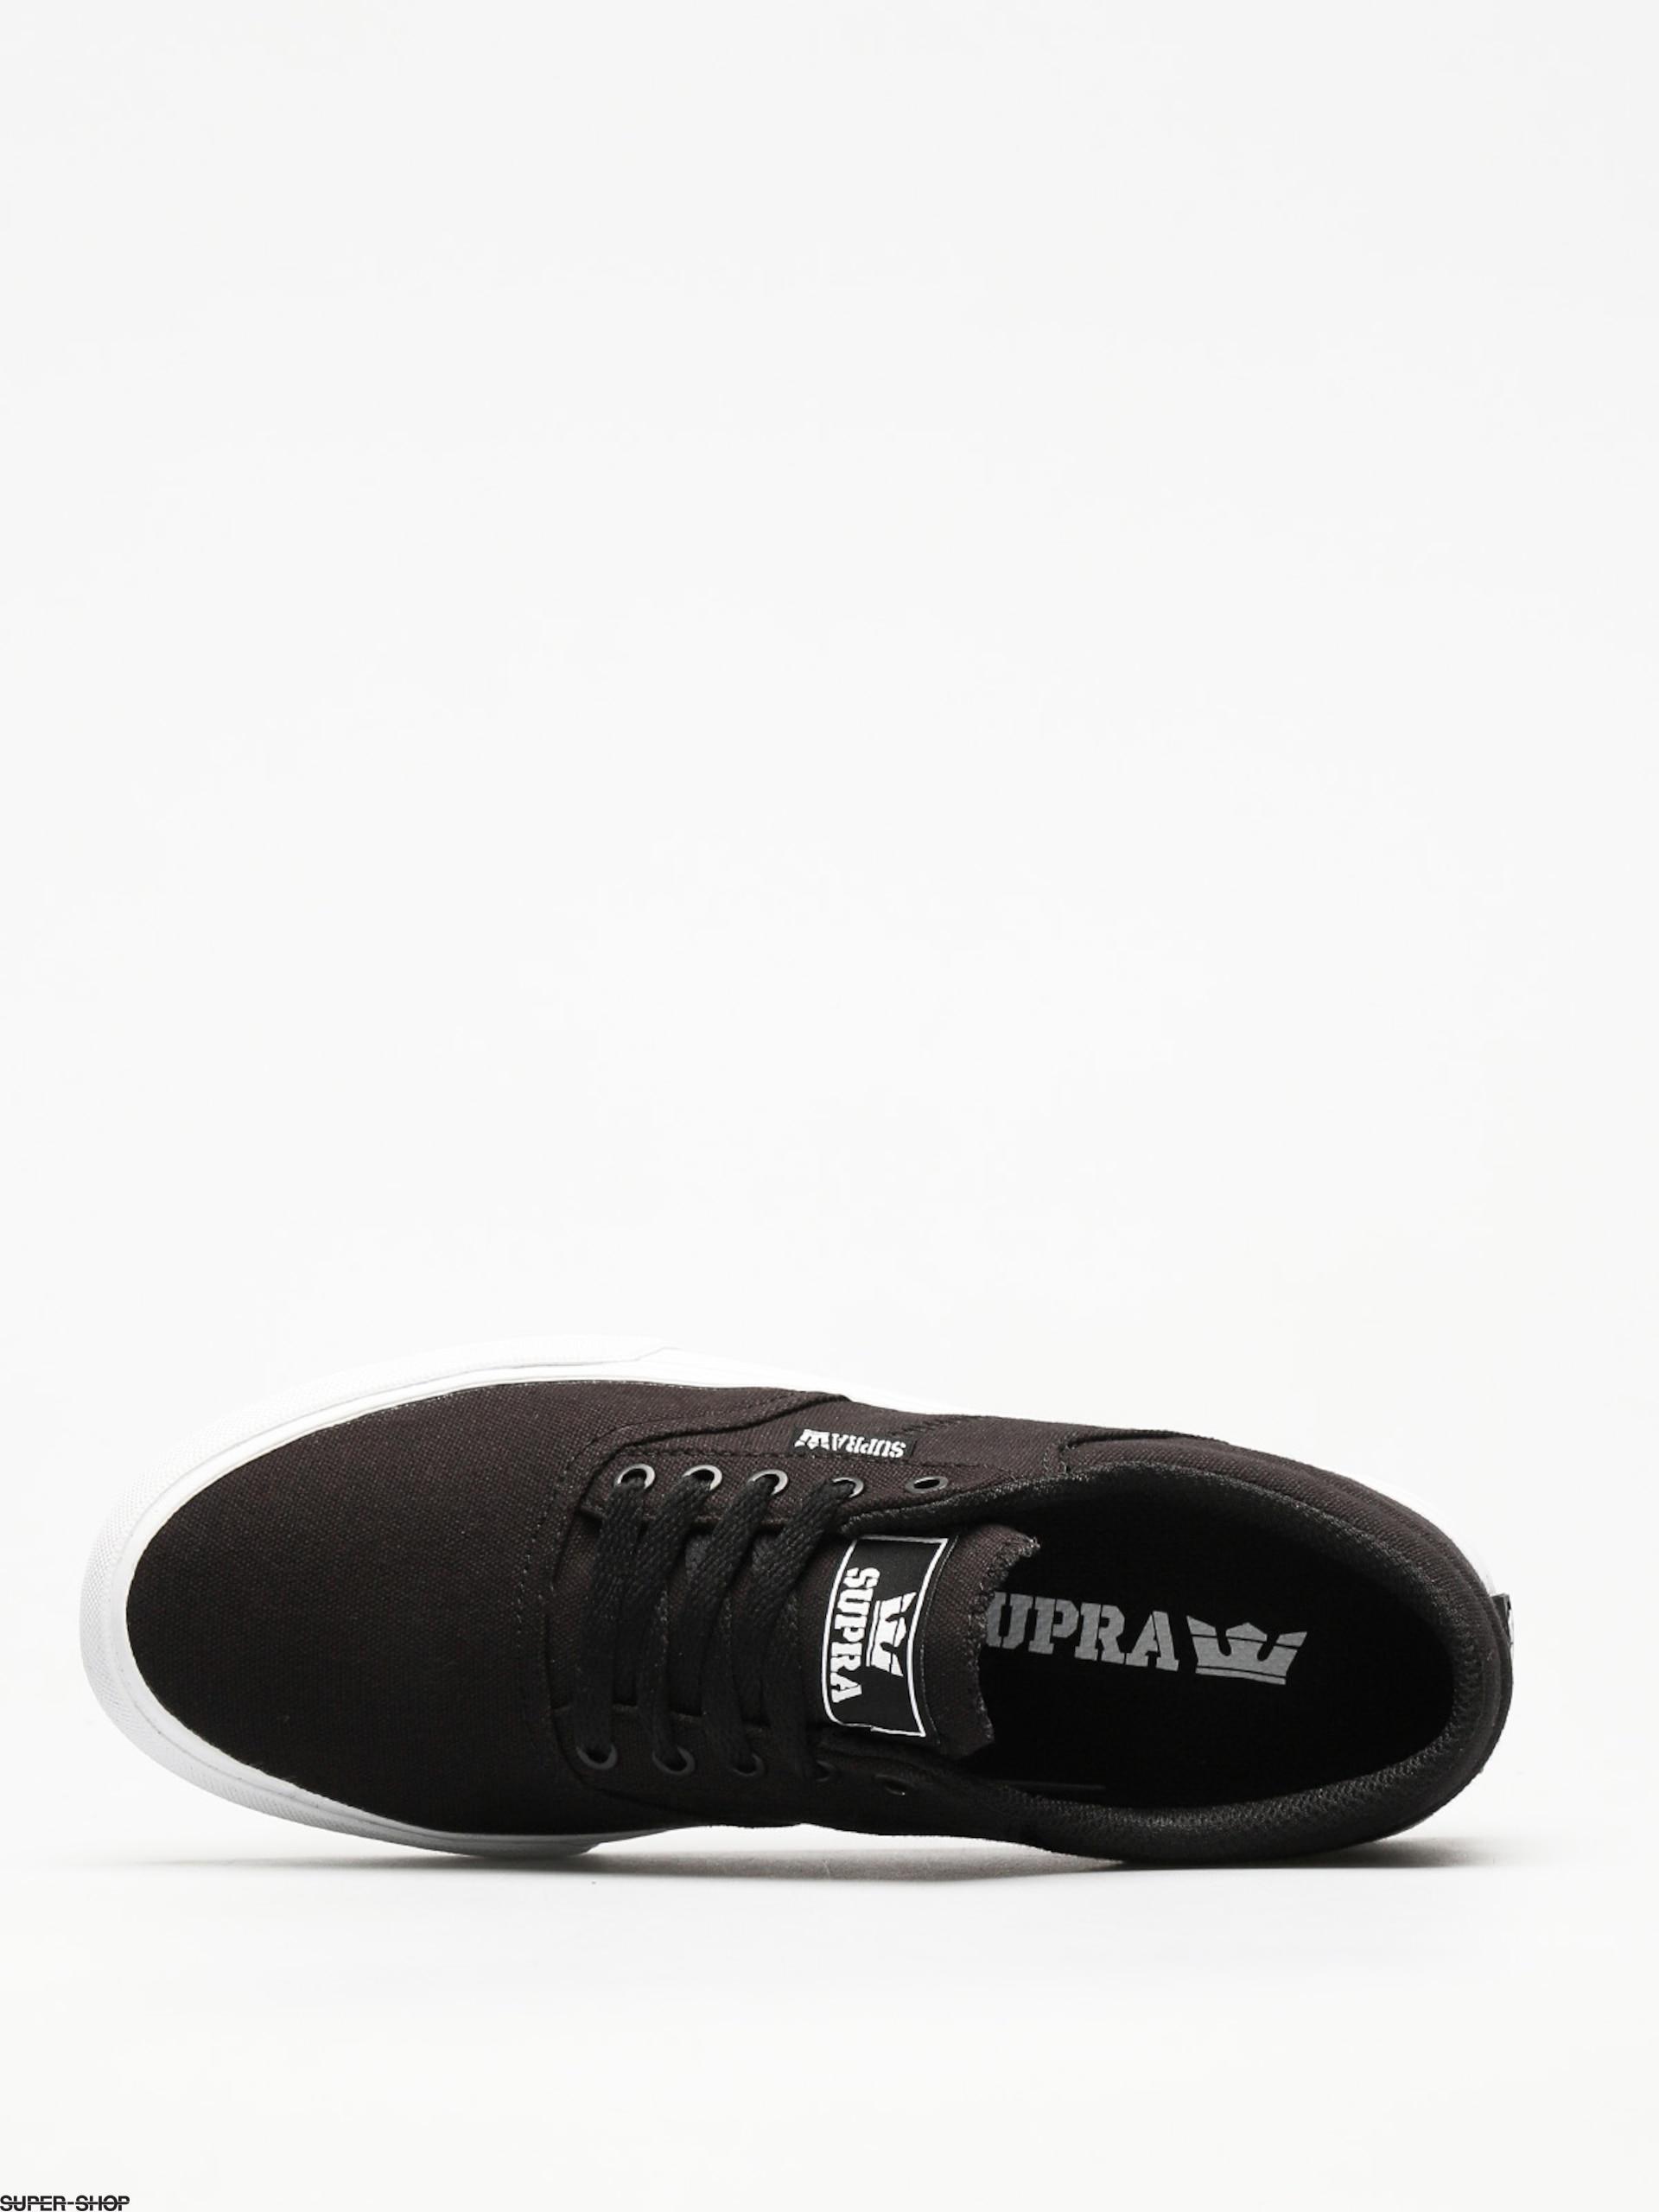 Supra Shoes Cobalt (black white) f519c854e8fd